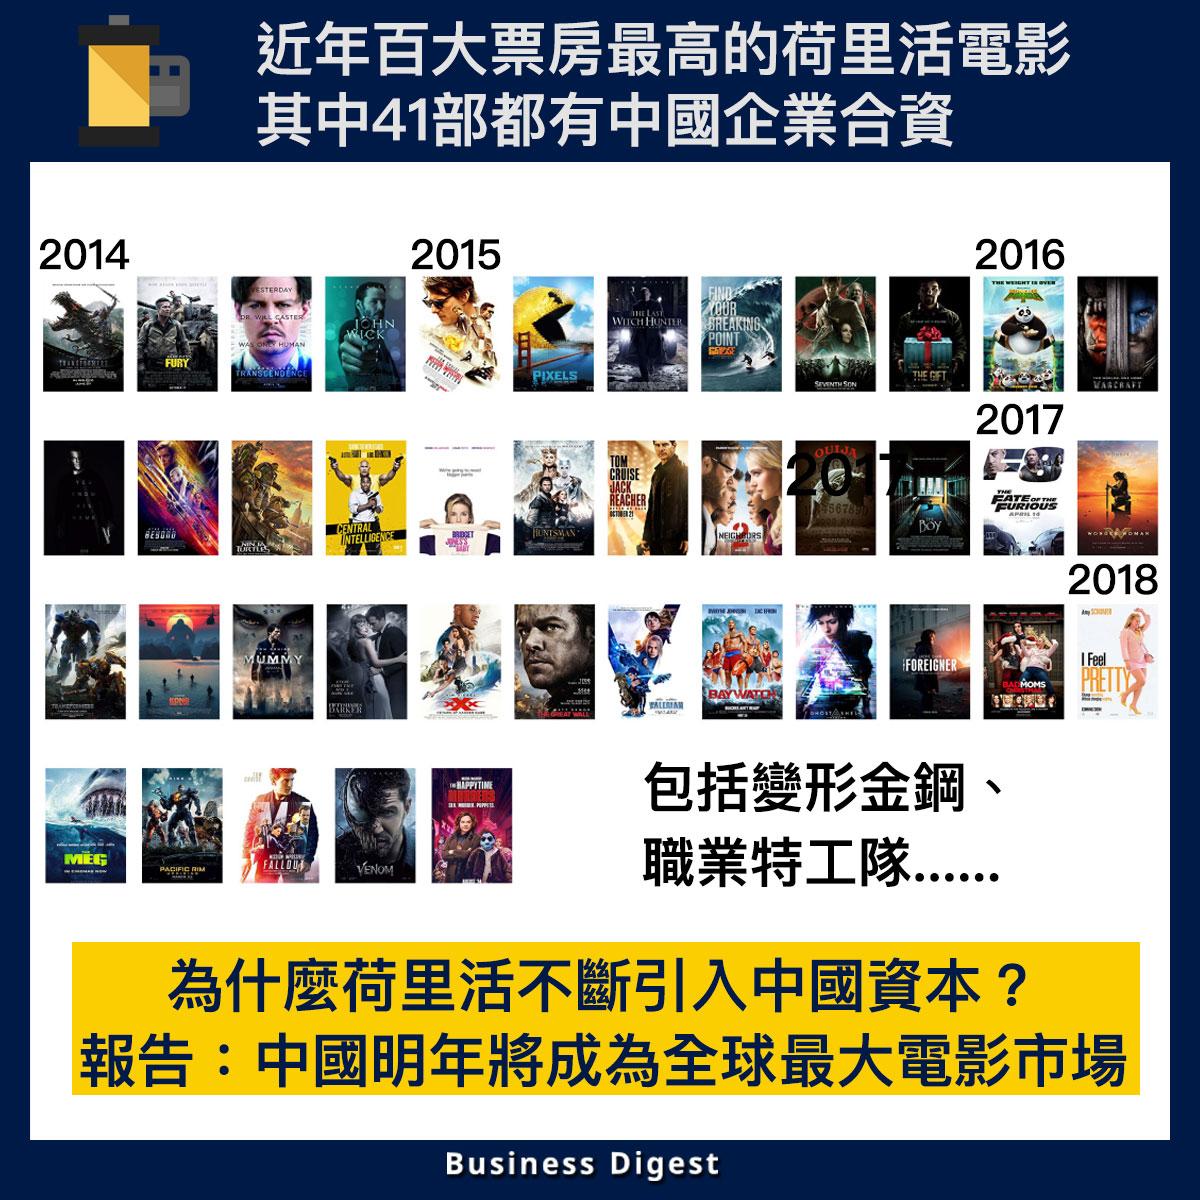 【從數據認識經濟】近年荷里活百大票房最高電影,其中41部都有中國企業合資